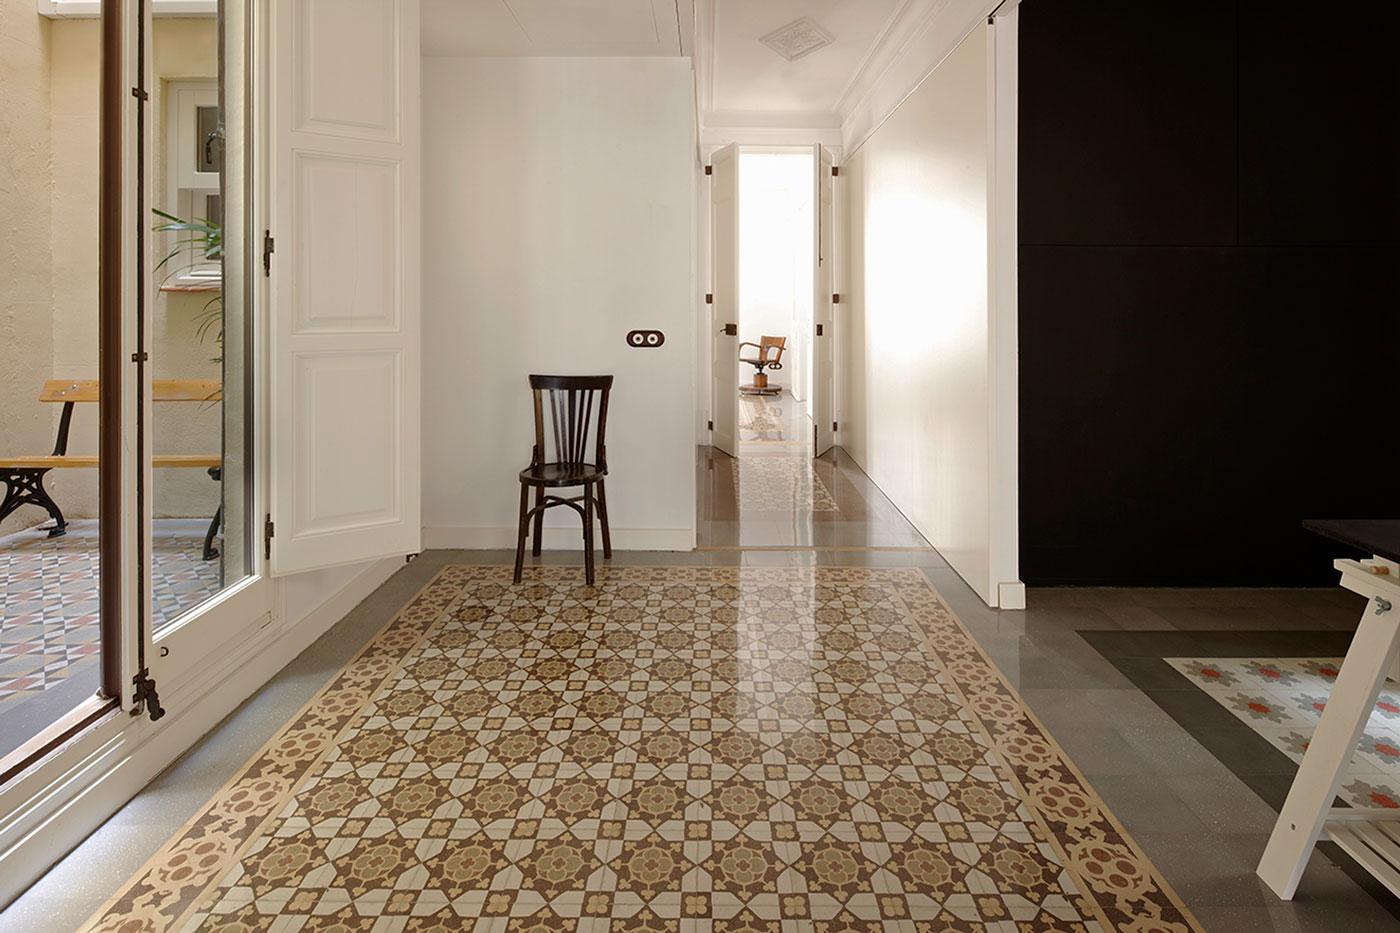 carrelage espagne jonquera sevilla outlet shopping. Black Bedroom Furniture Sets. Home Design Ideas